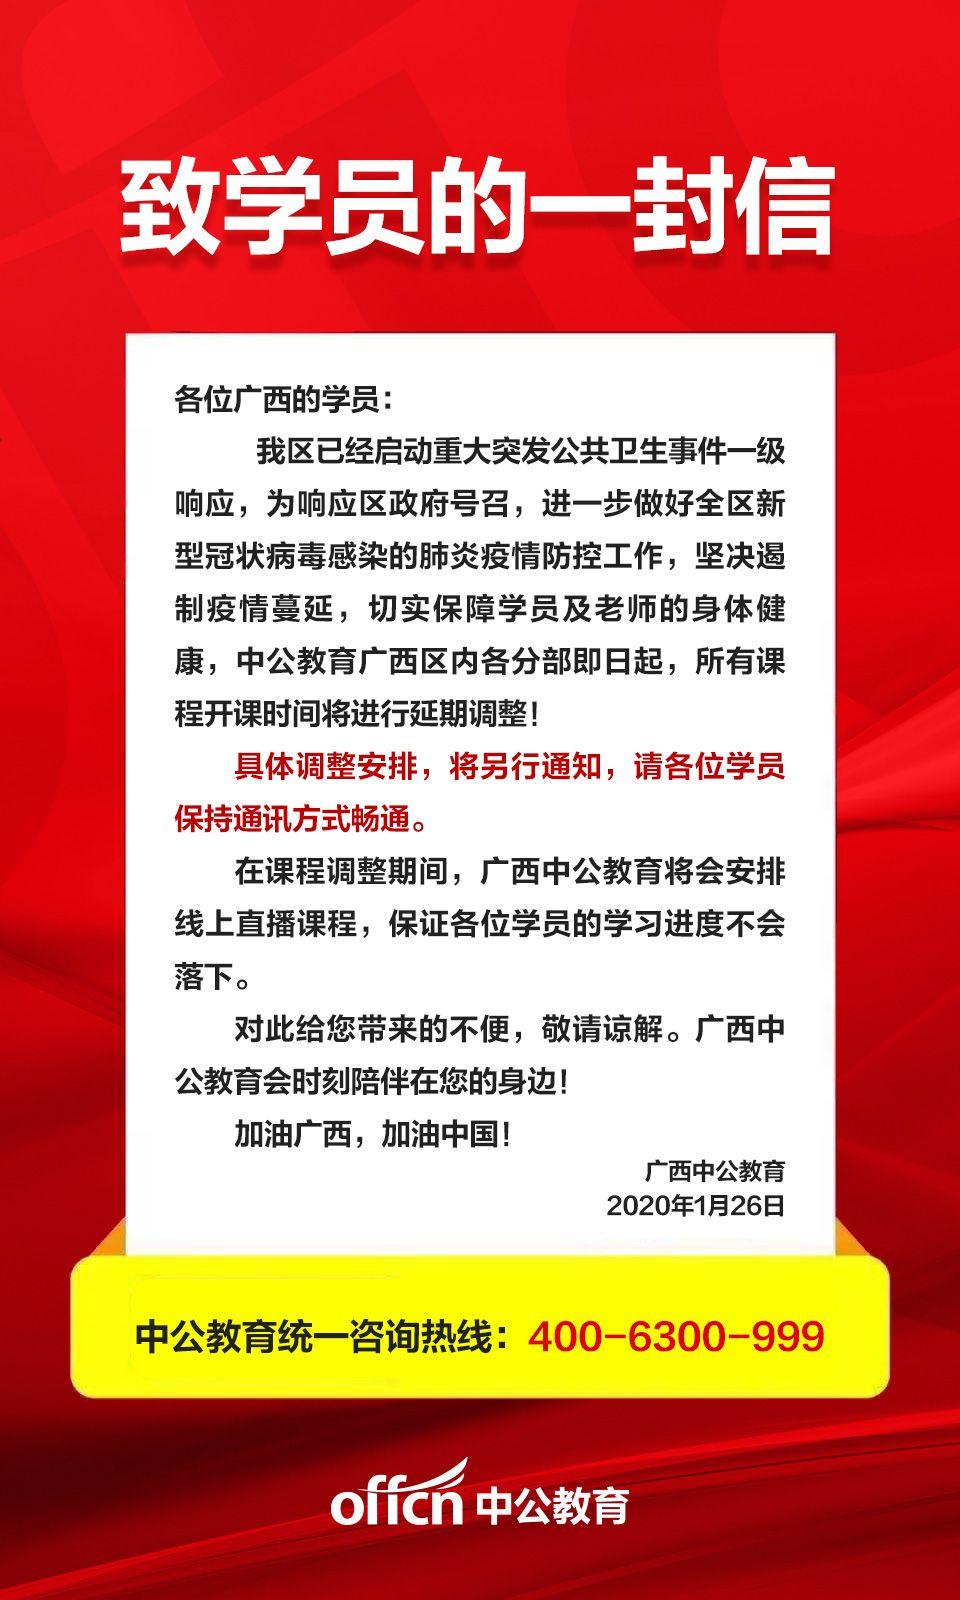 广西中公教育关于线下课程时间调整的通知